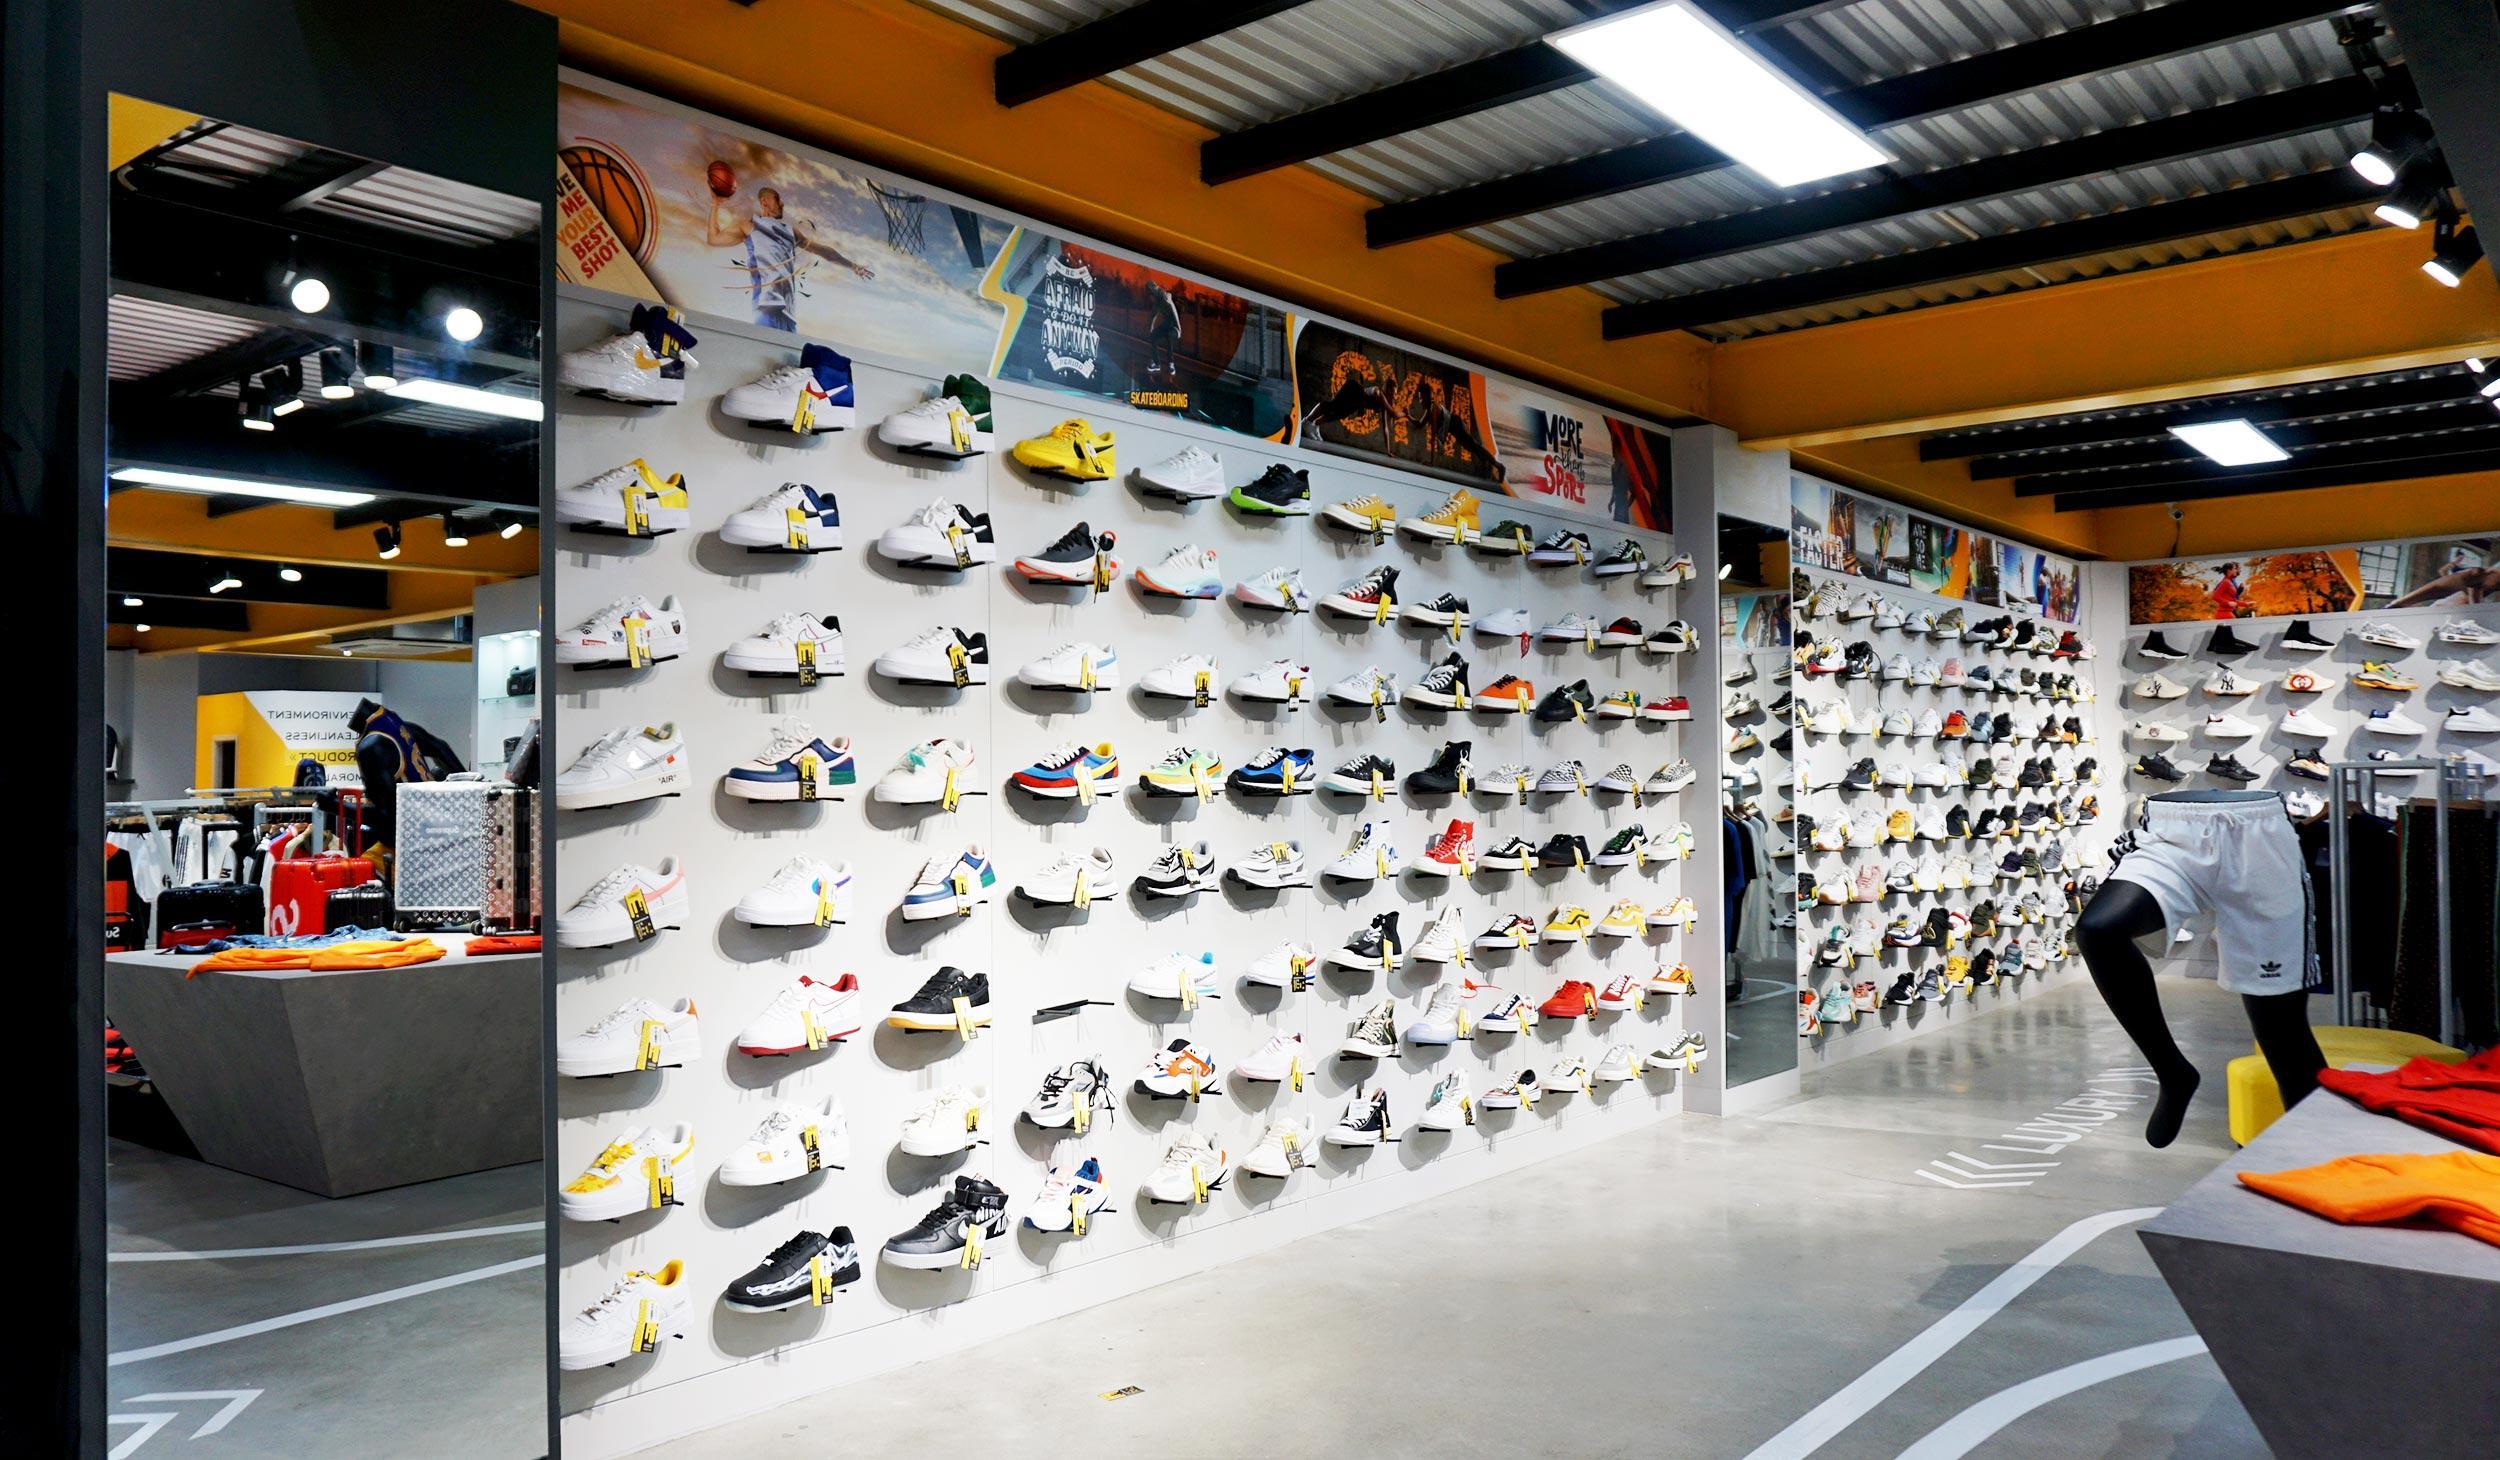 thiết kế shop giày dép nhỏ